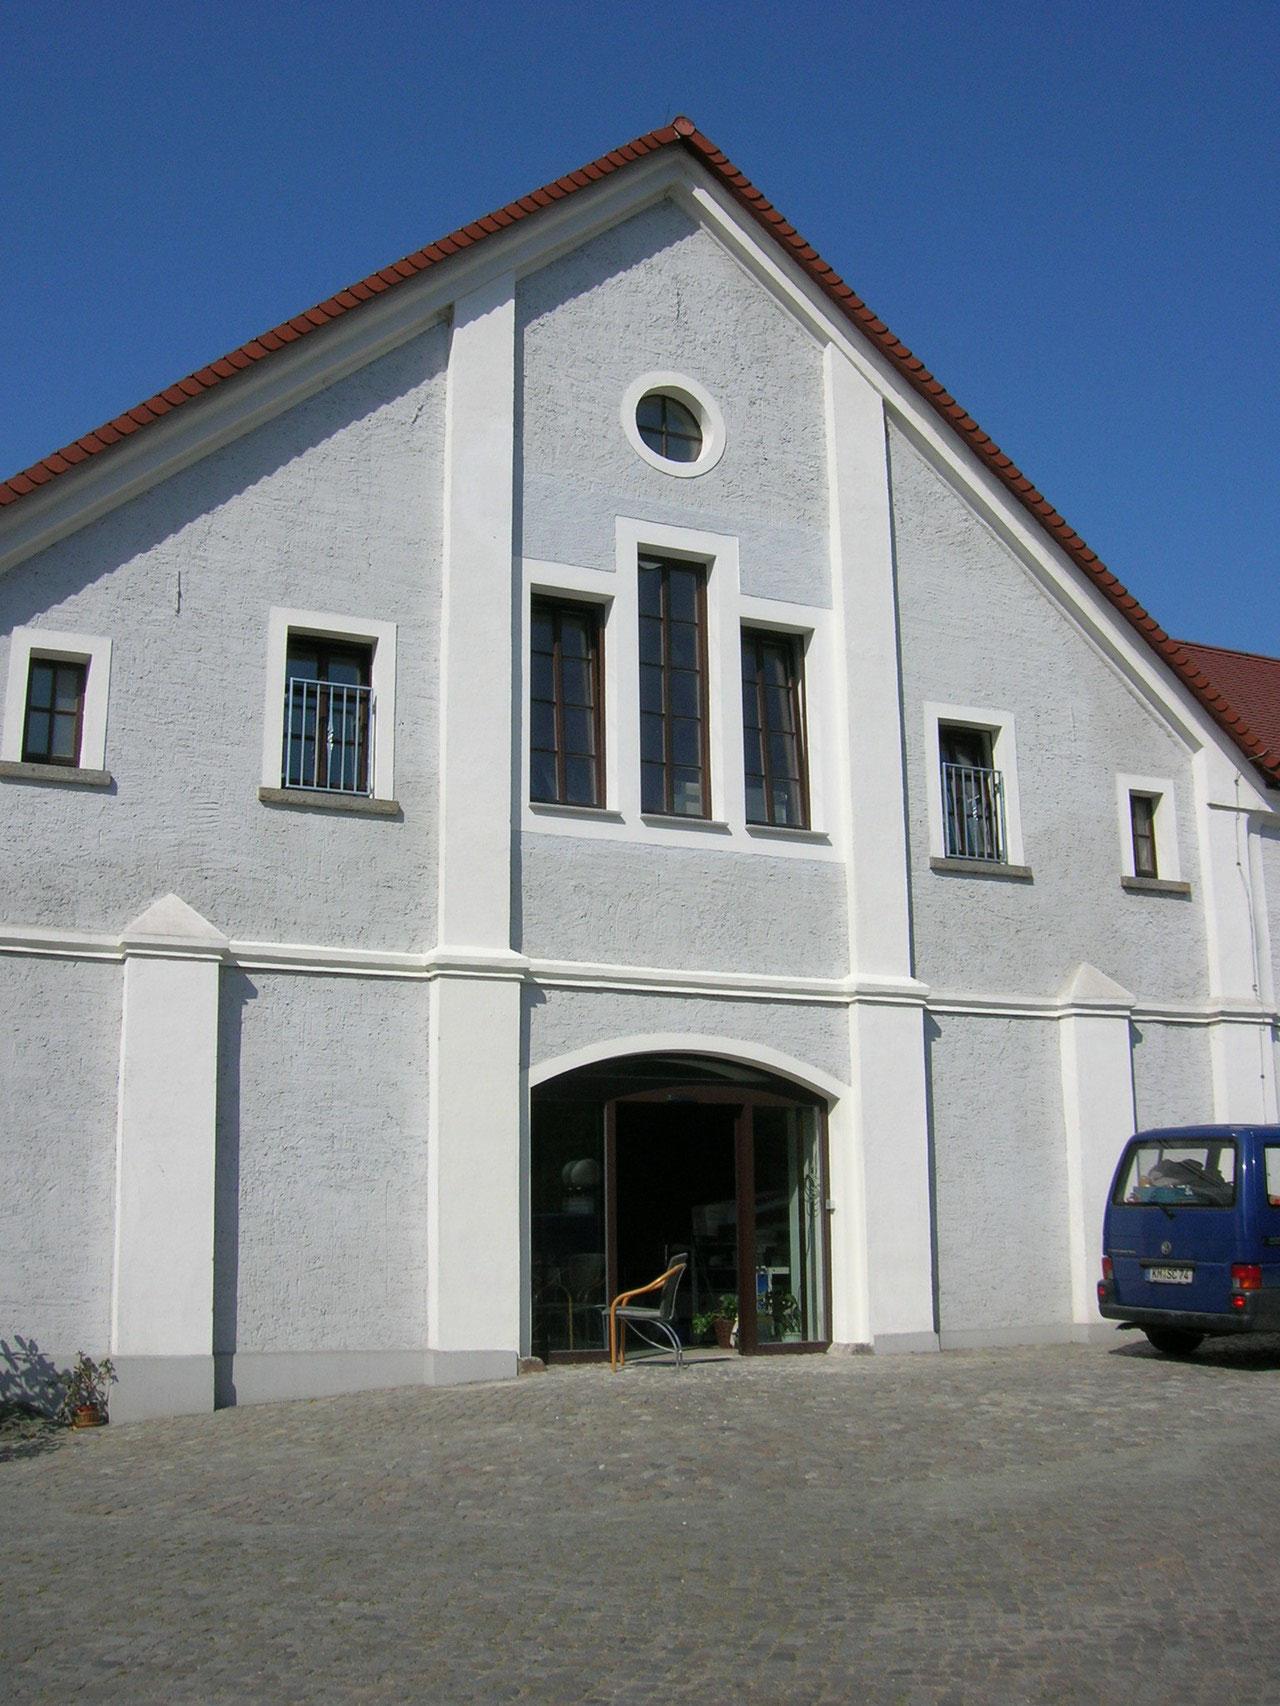 Umbau des Kuhstalles zu Hofladen und Behindertenwerkstatt, 2008